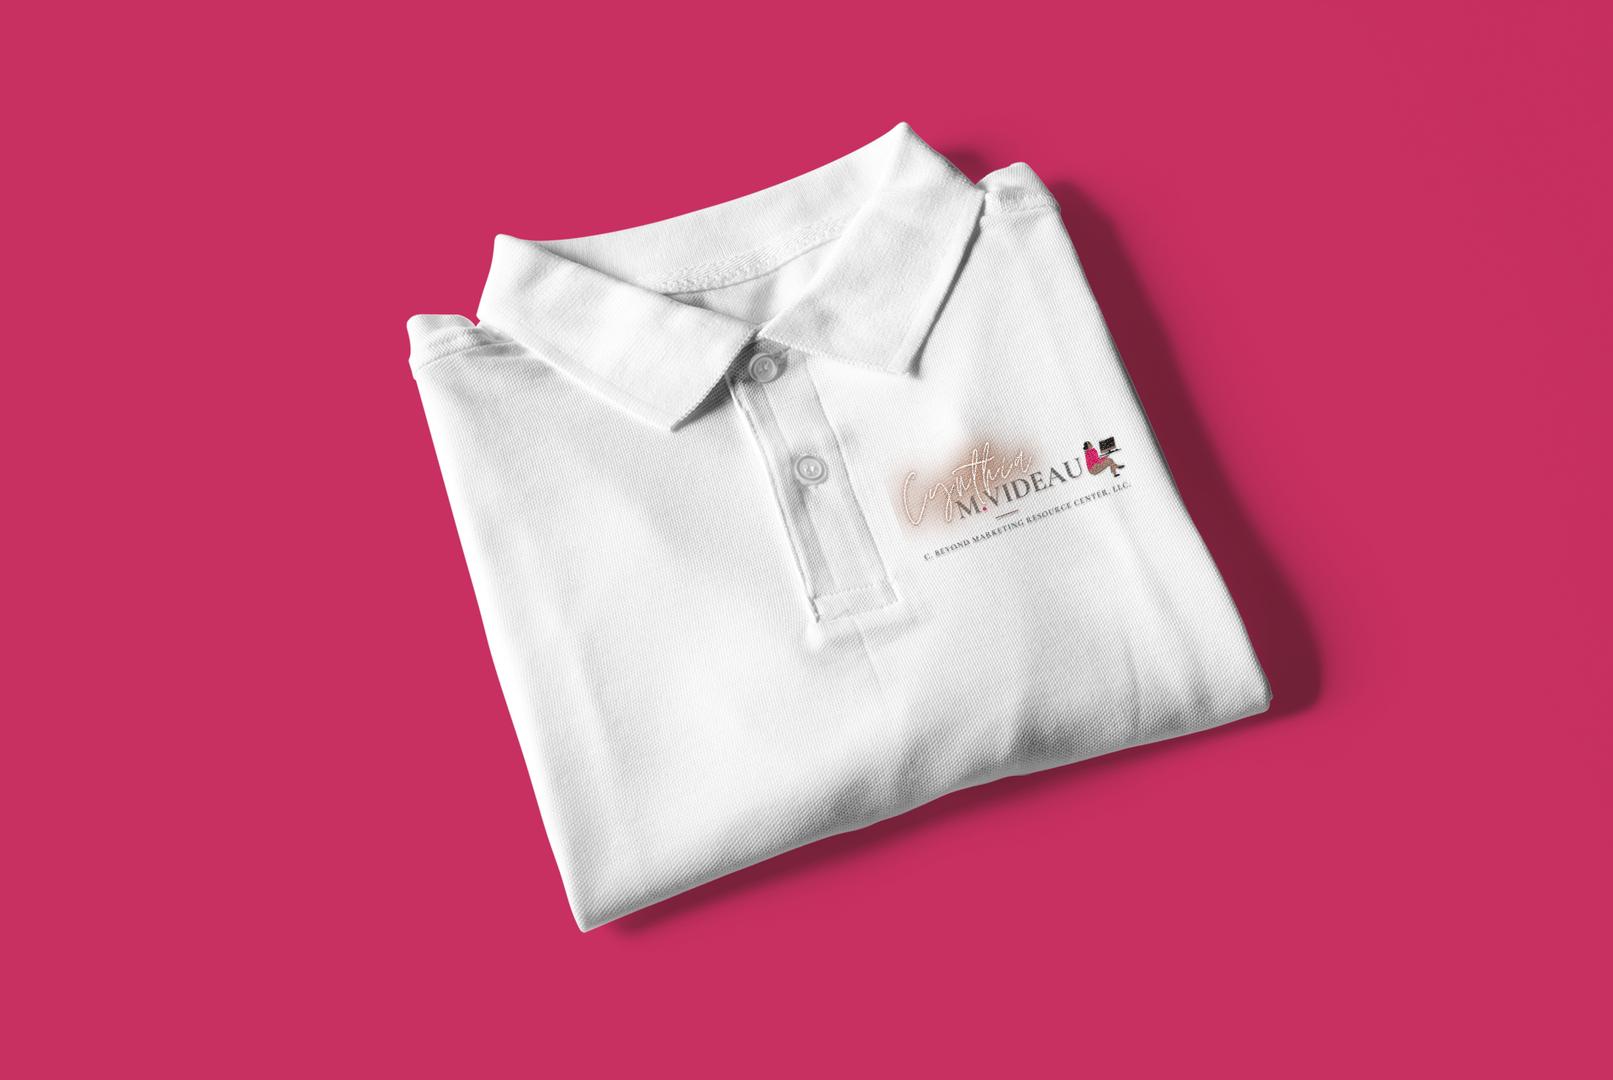 Company Shirt with logo